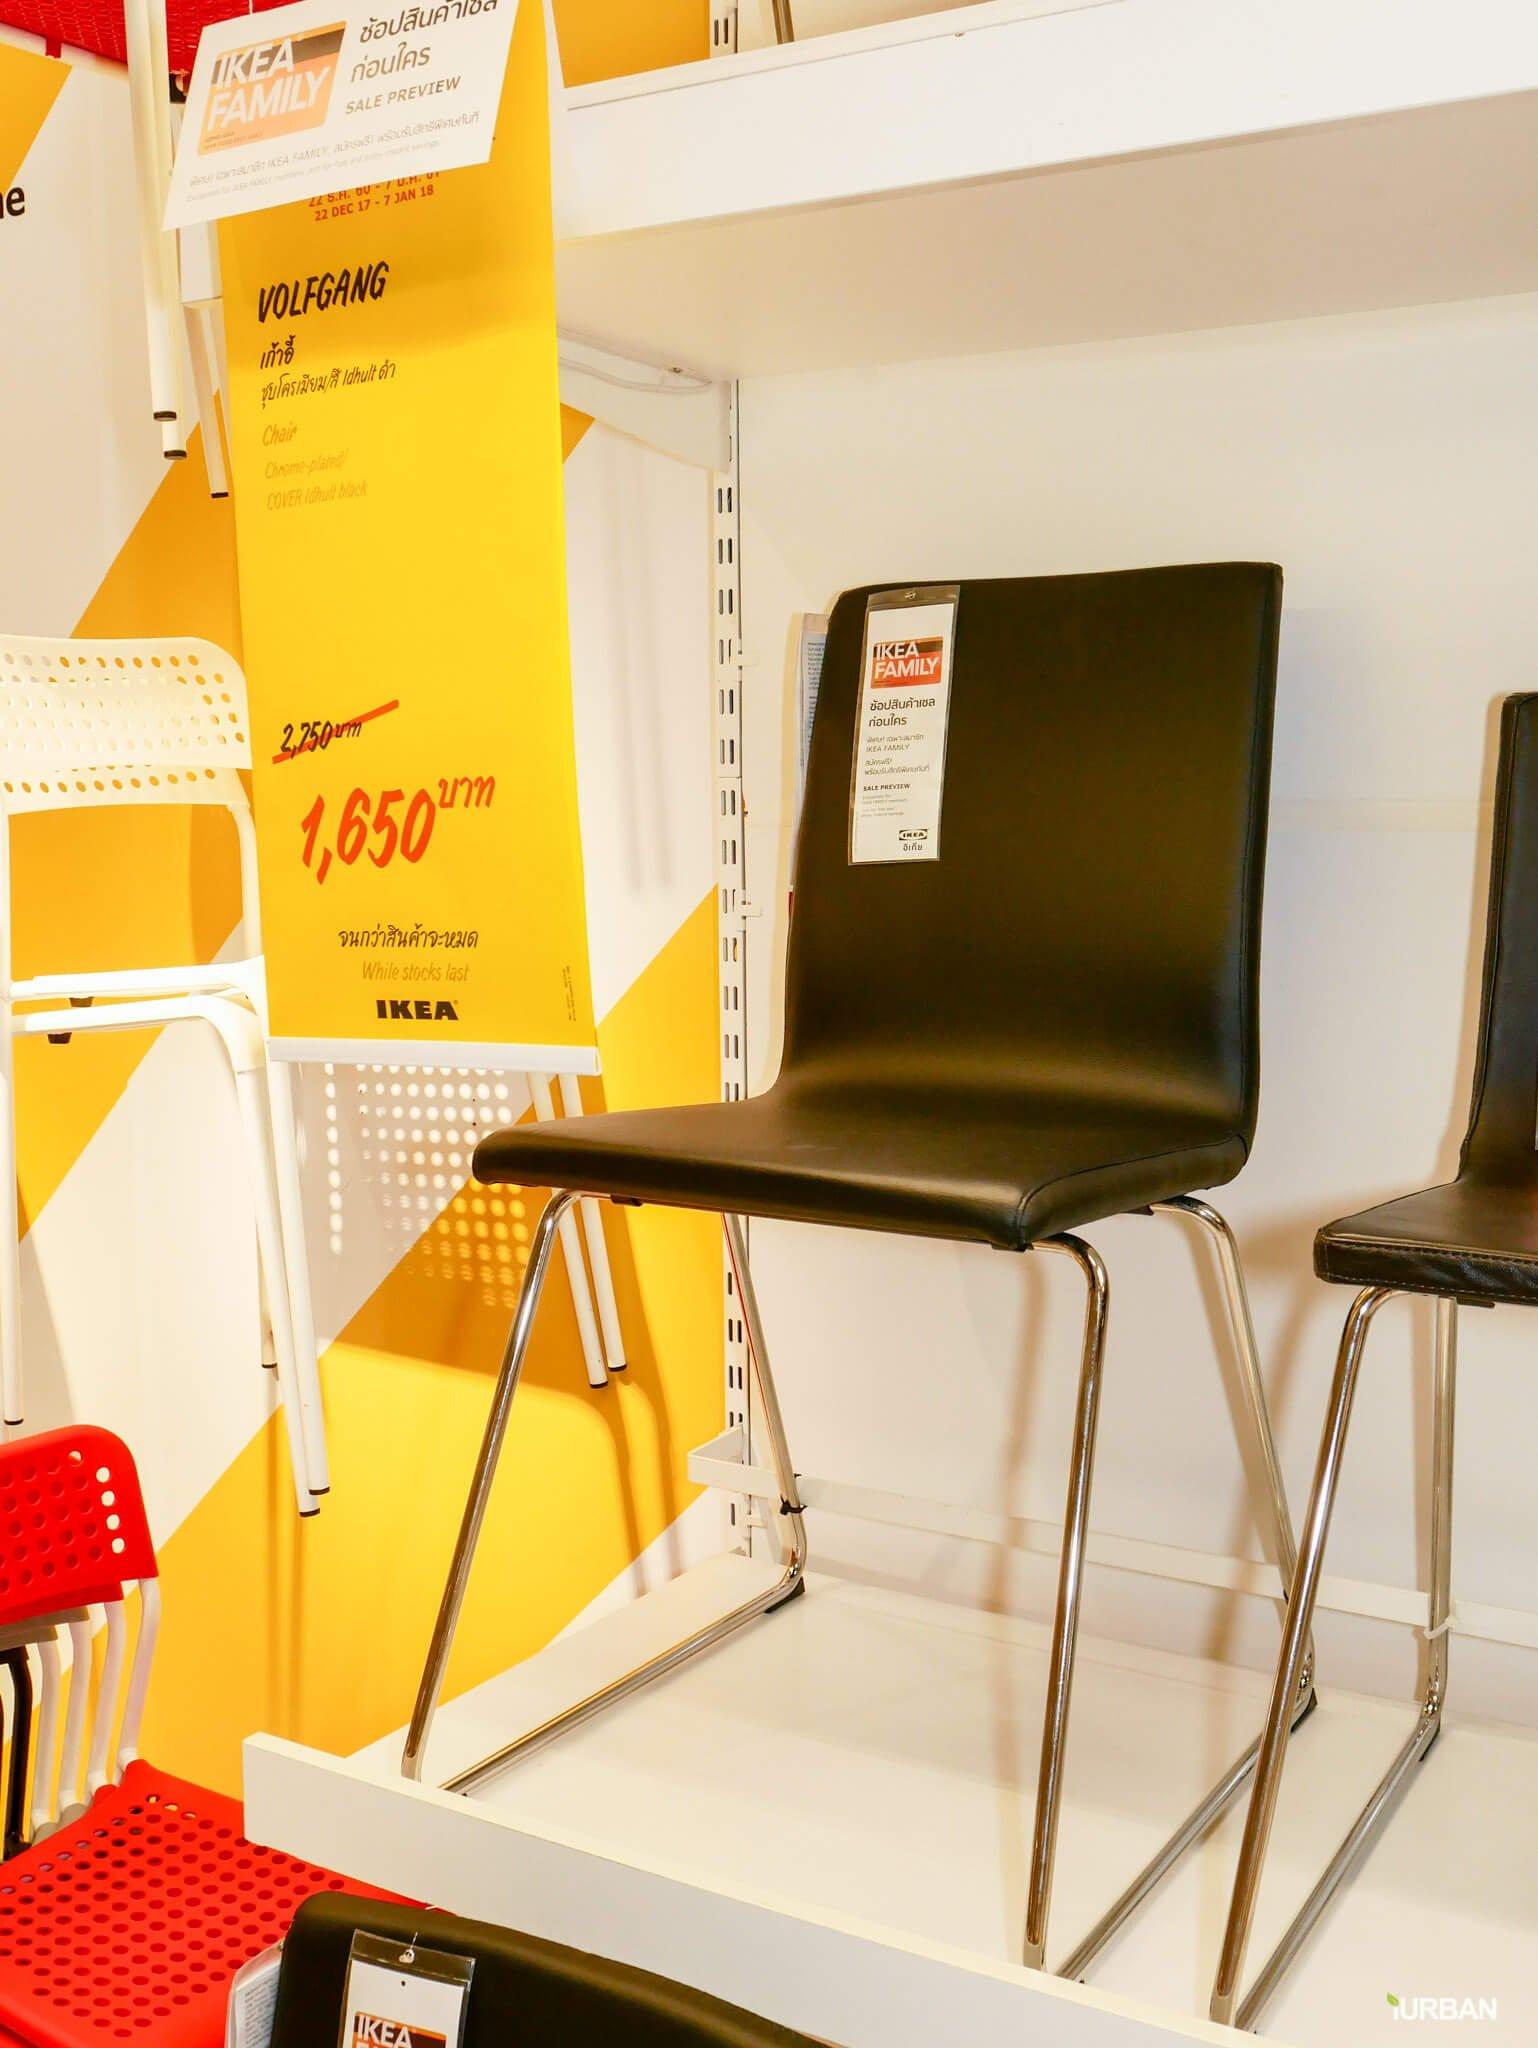 มันเยอะมากกกก!! IKEA Year End SALE 2017 รวมของเซลในอิเกีย ลดเยอะ ลดแหลก รีบพุ่งตัวไป วันนี้ - 7 มกราคม 61 21 - IKEA (อิเกีย)